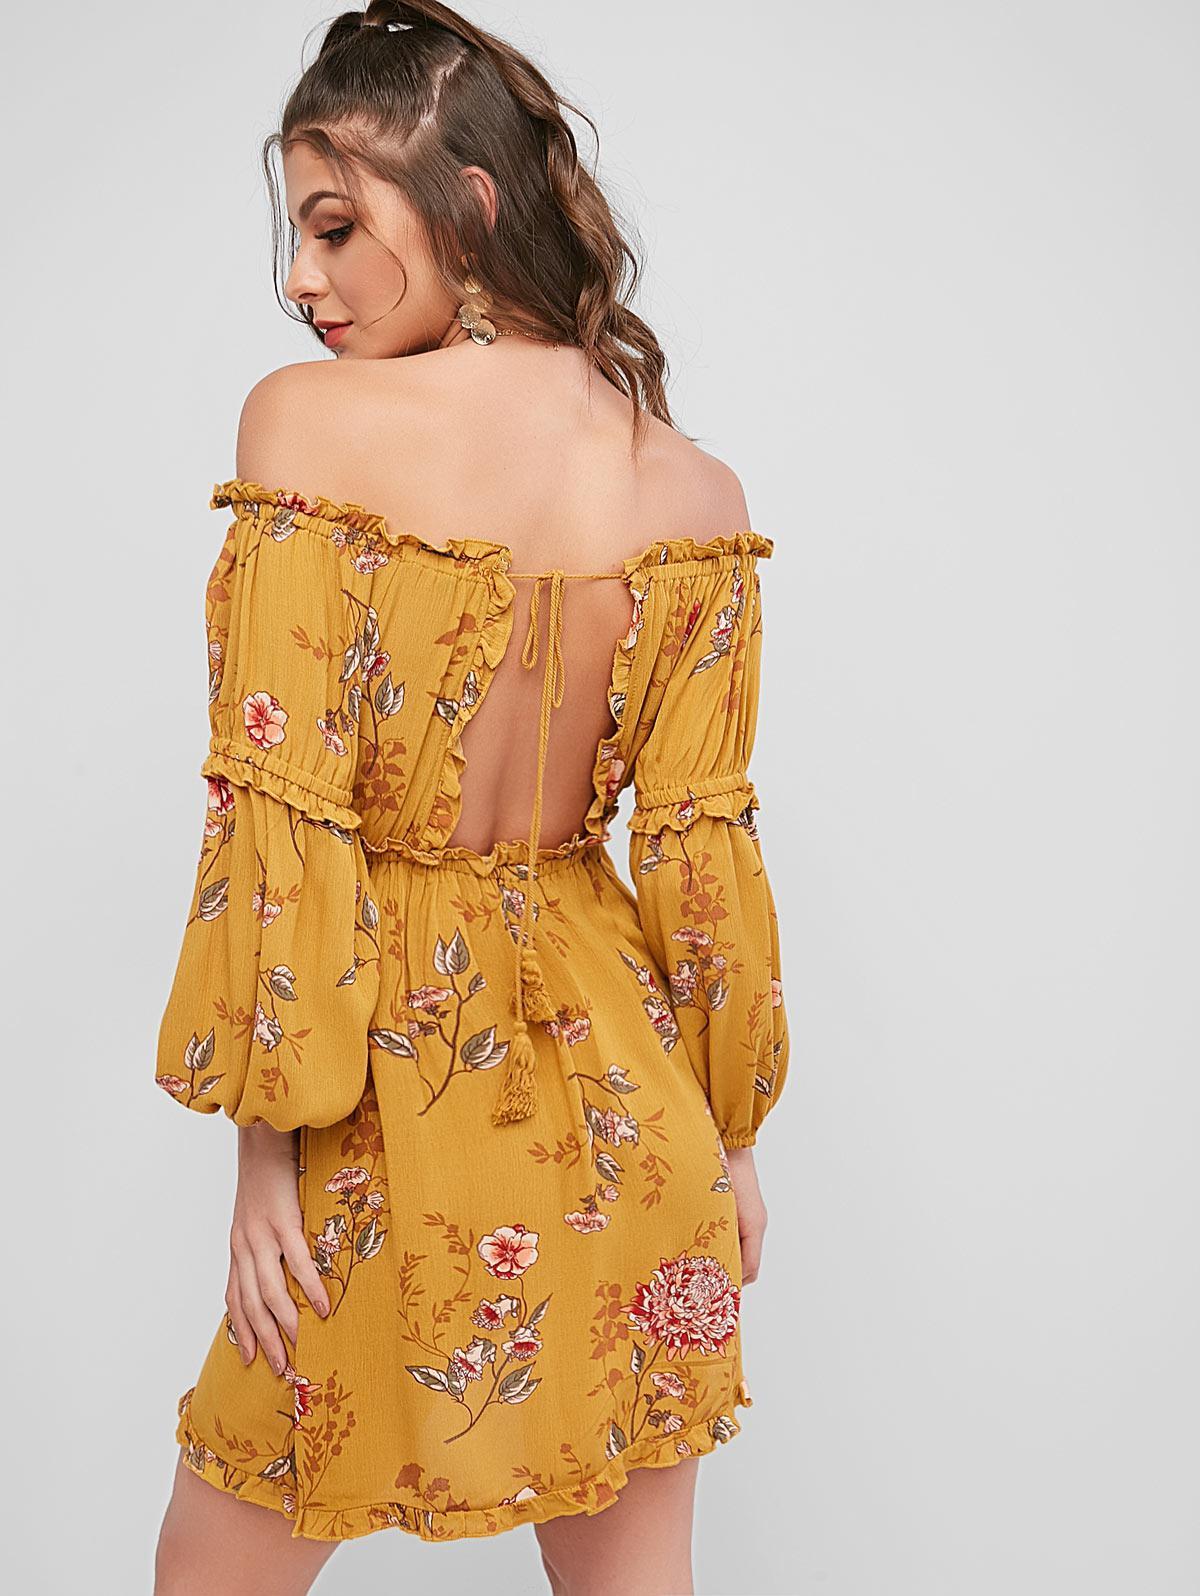 Tassels Tied Back Off Shoulder Floral Dress thumbnail